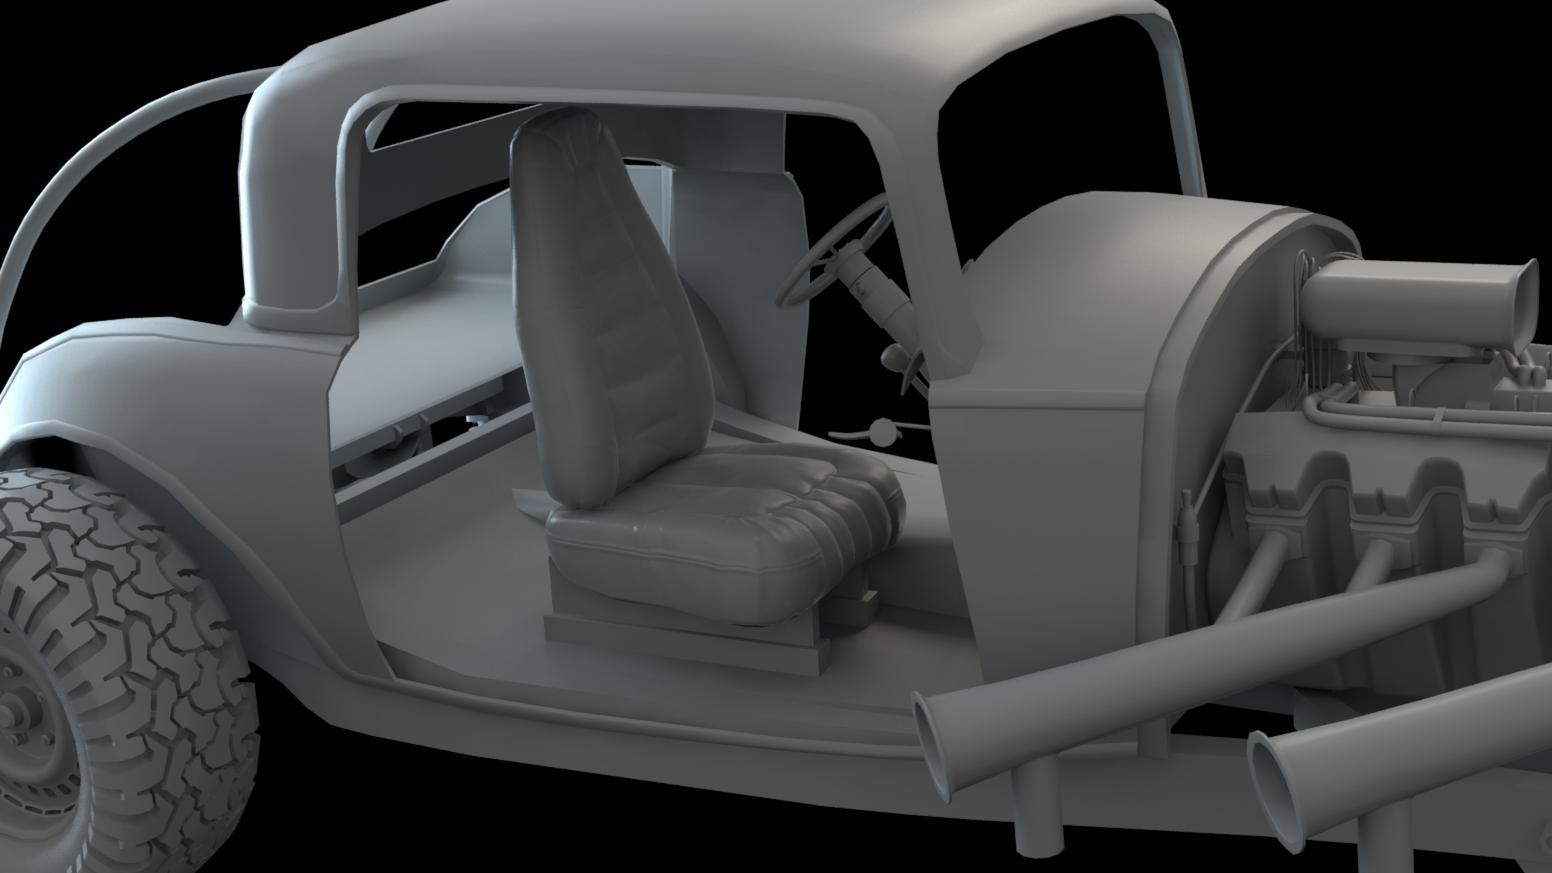 Interior w/ Seats, Door Ripped